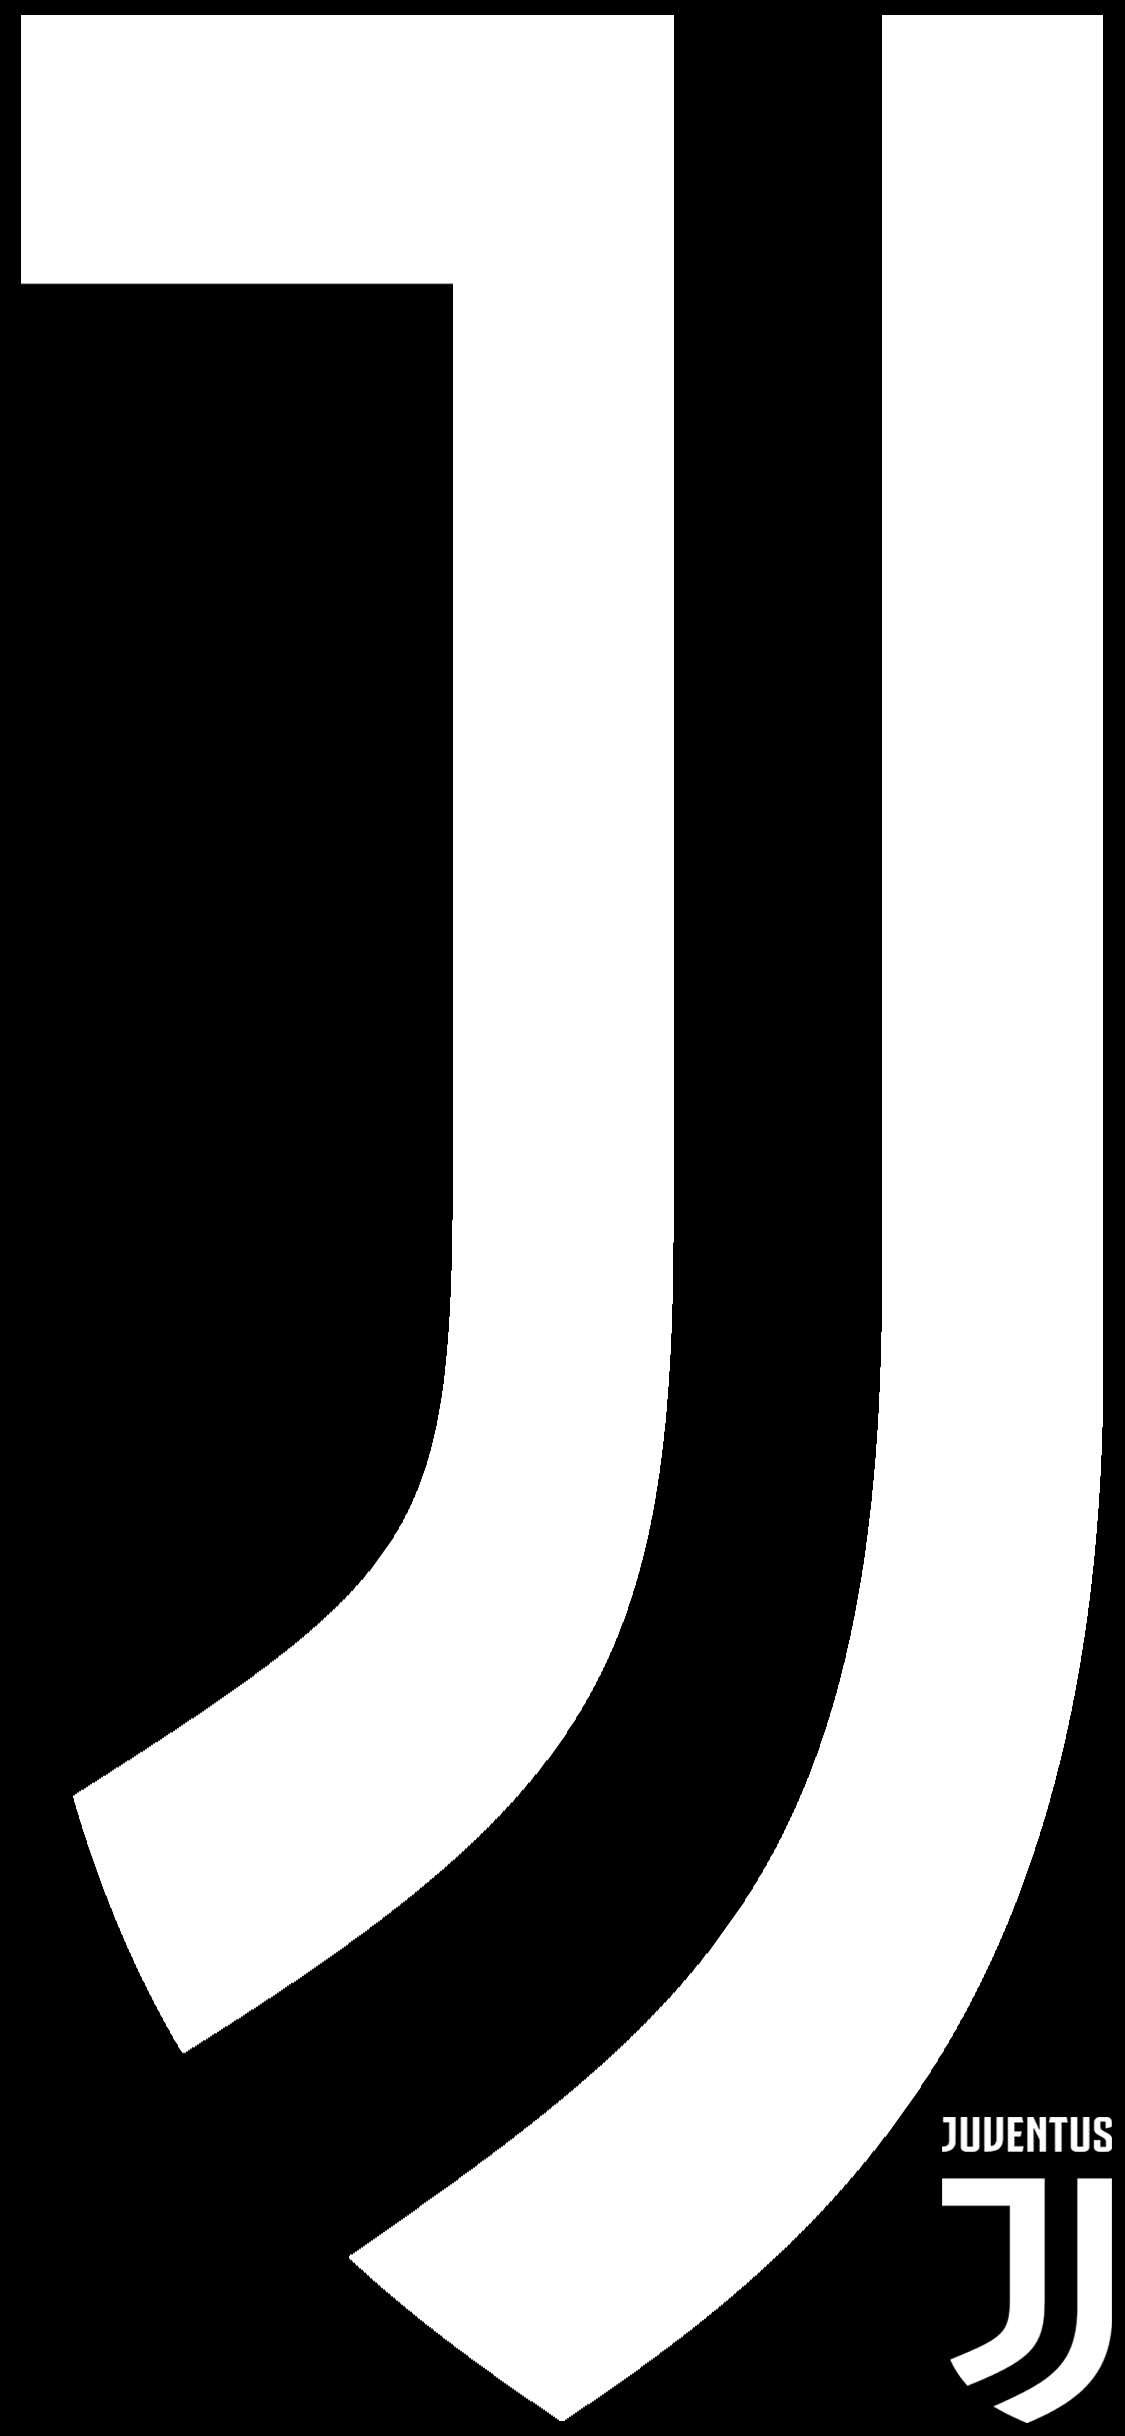 Juventus Iphone X Wallpaper Juventus Juve Iphonexwallpapers